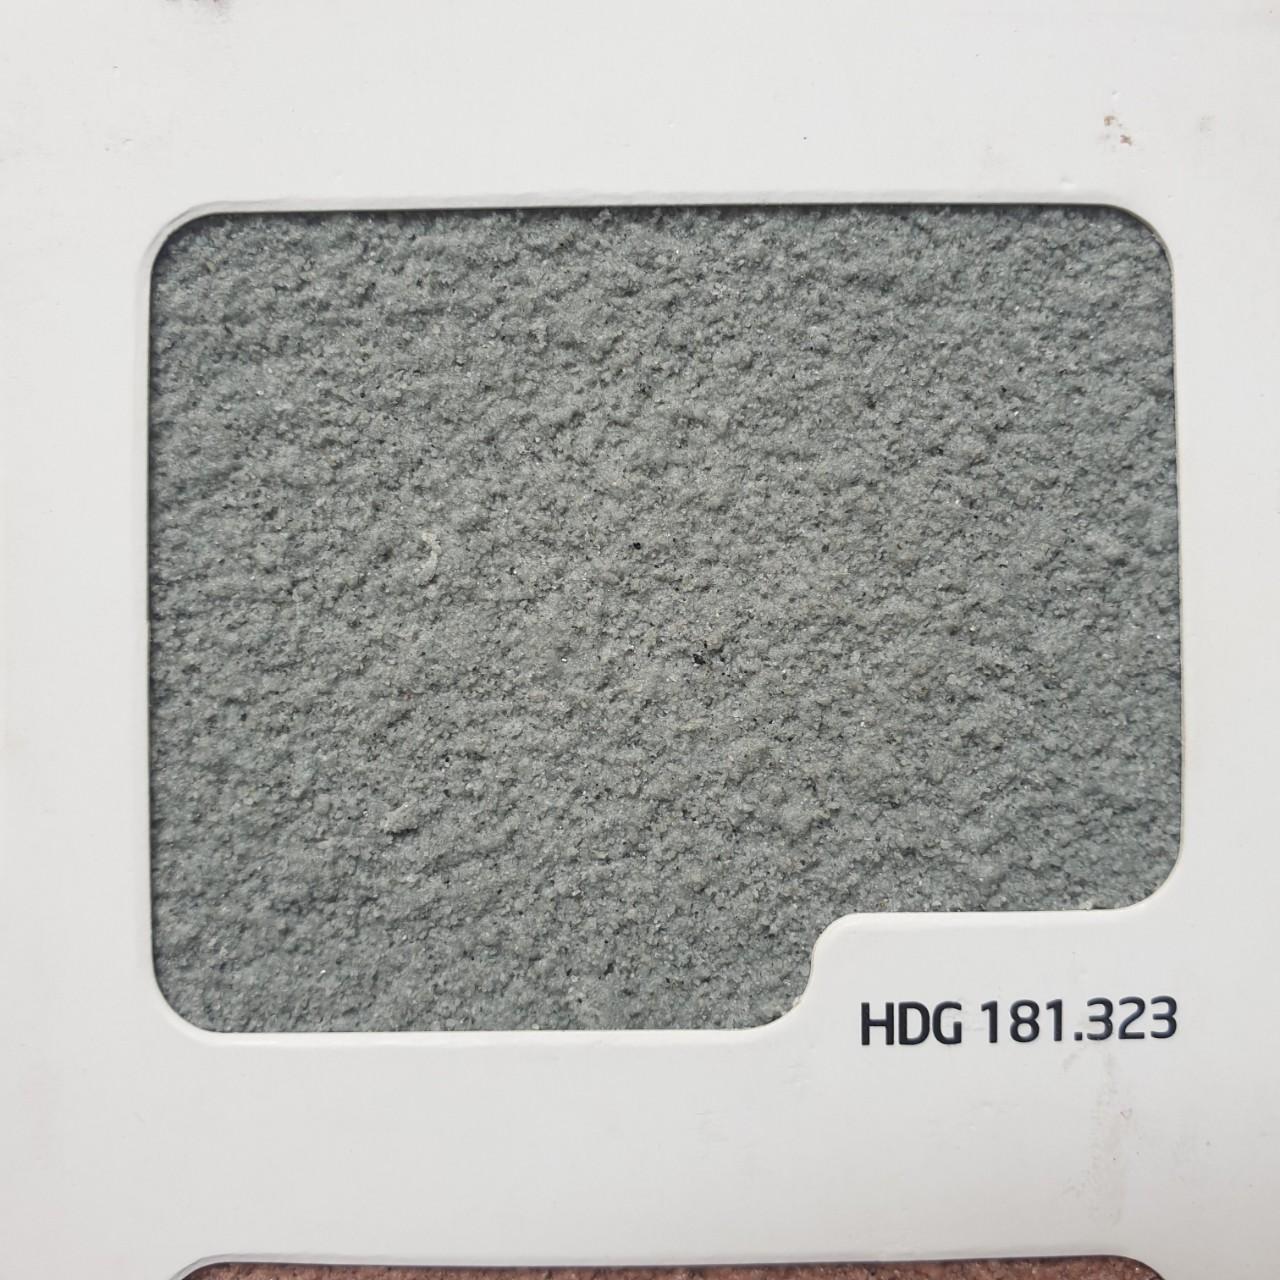 SƠN ĐƠN SẮC HDG 181.323